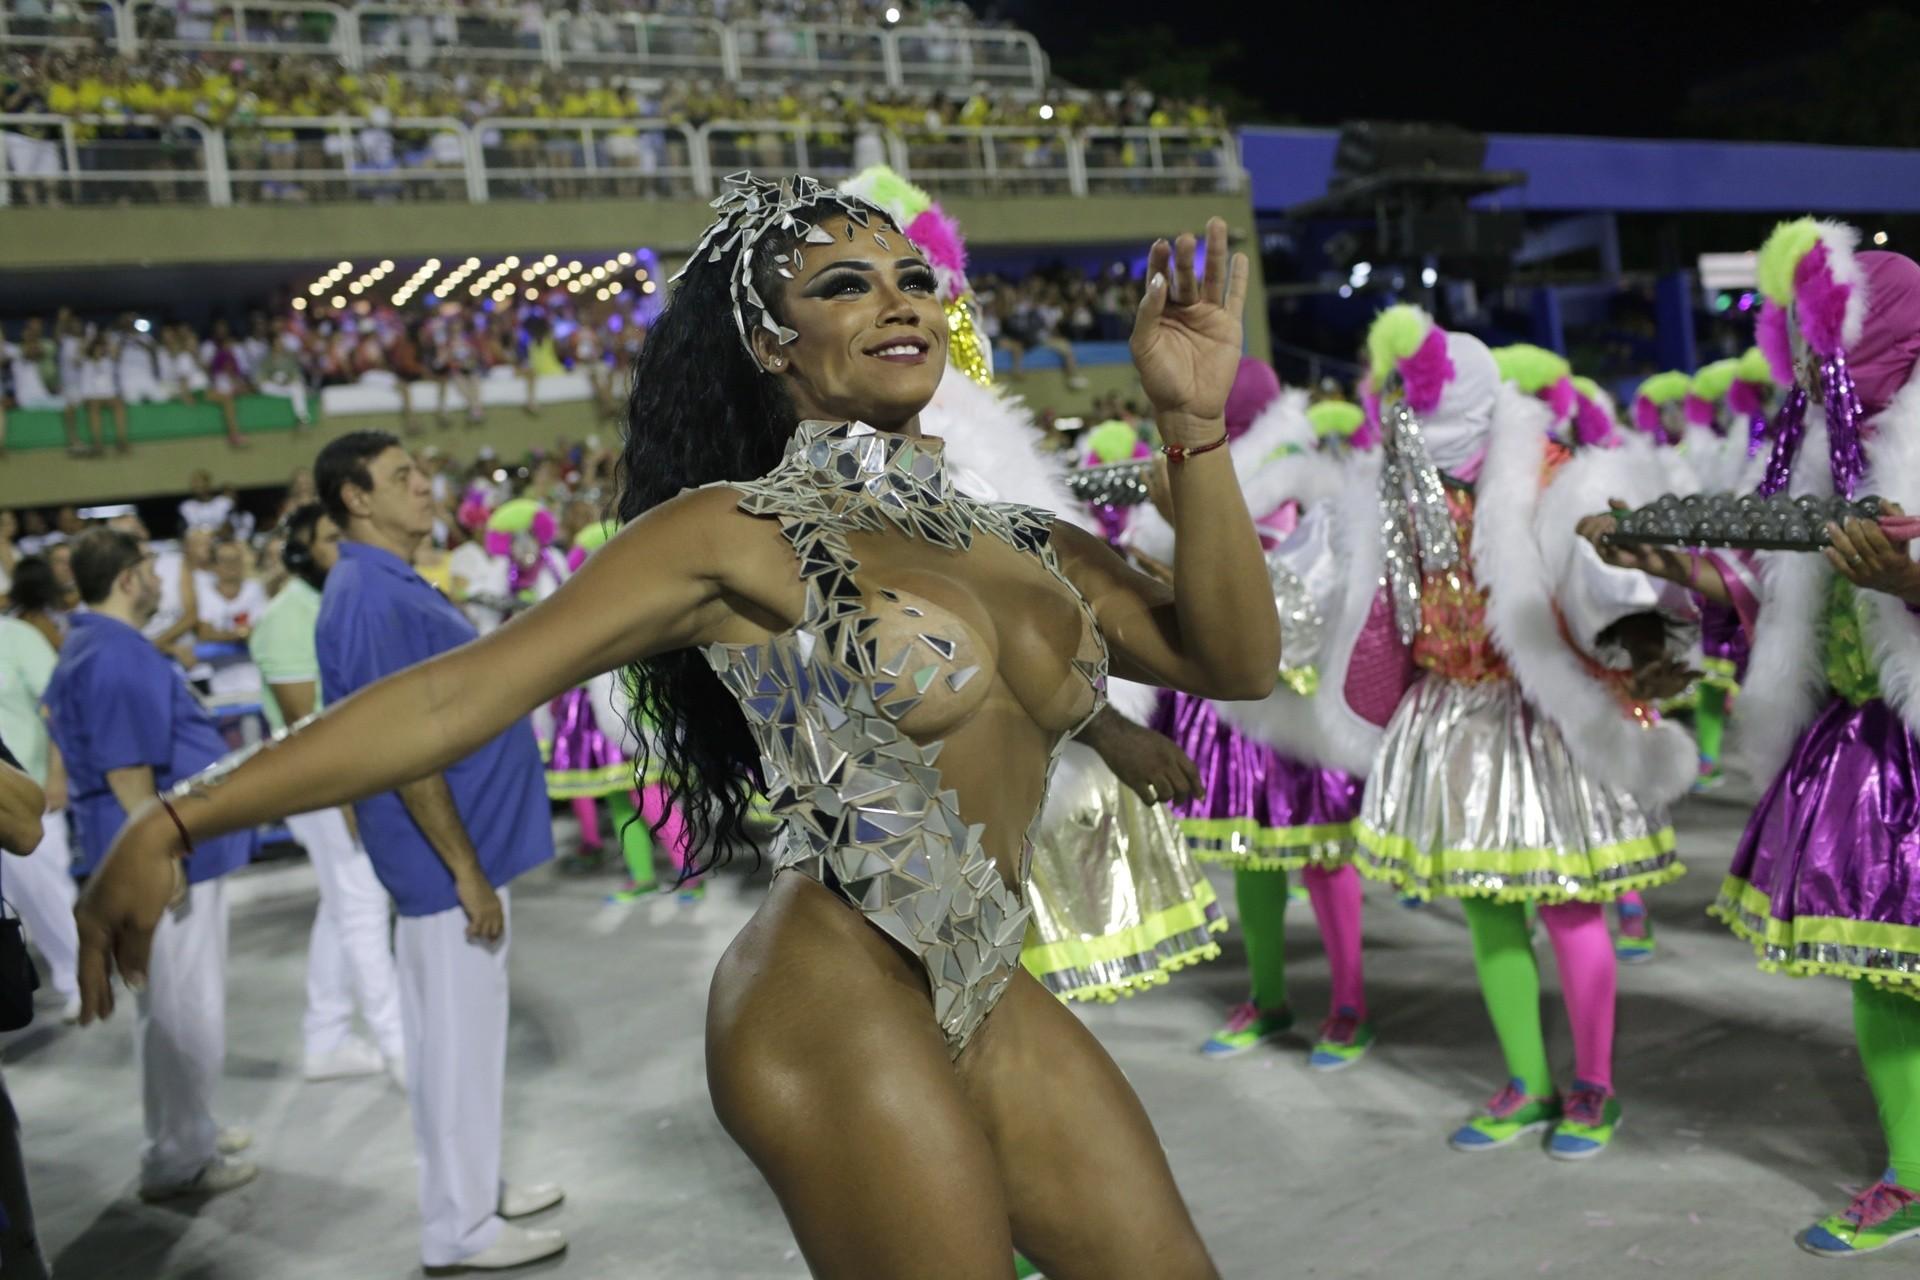 Rio de janeiro and sex